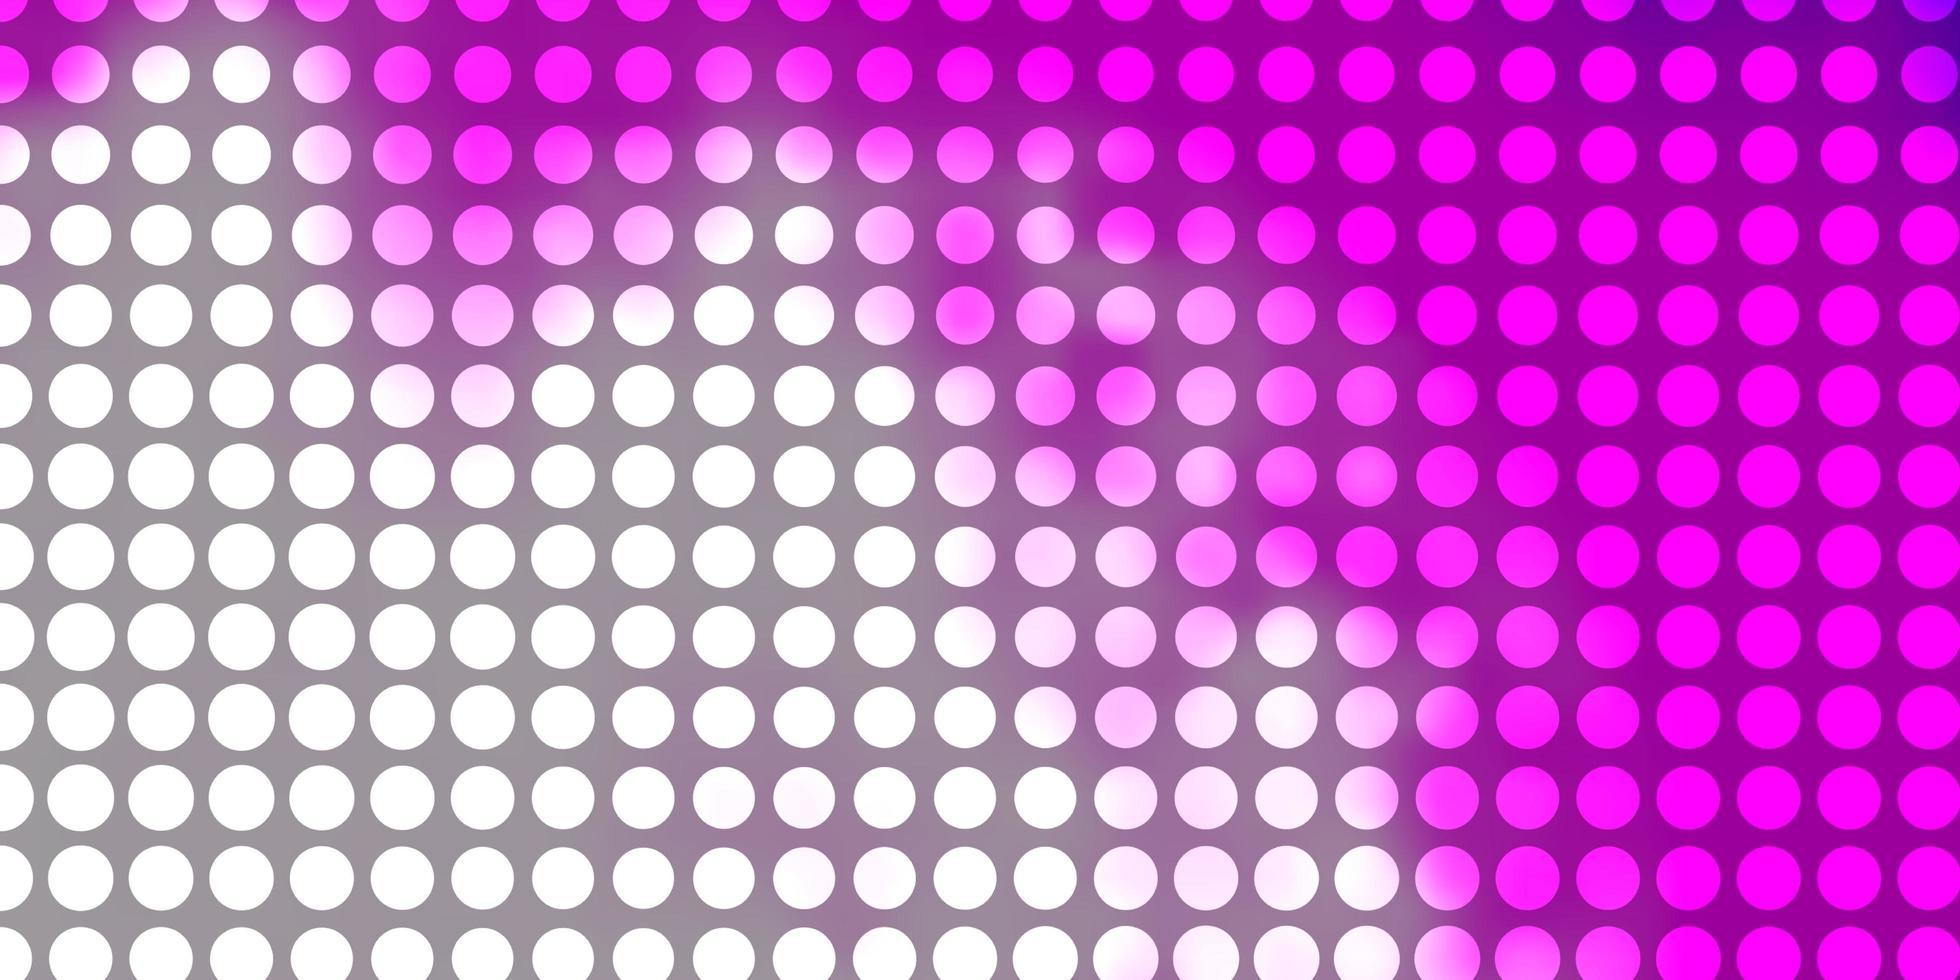 sfondo rosa con cerchi. vettore